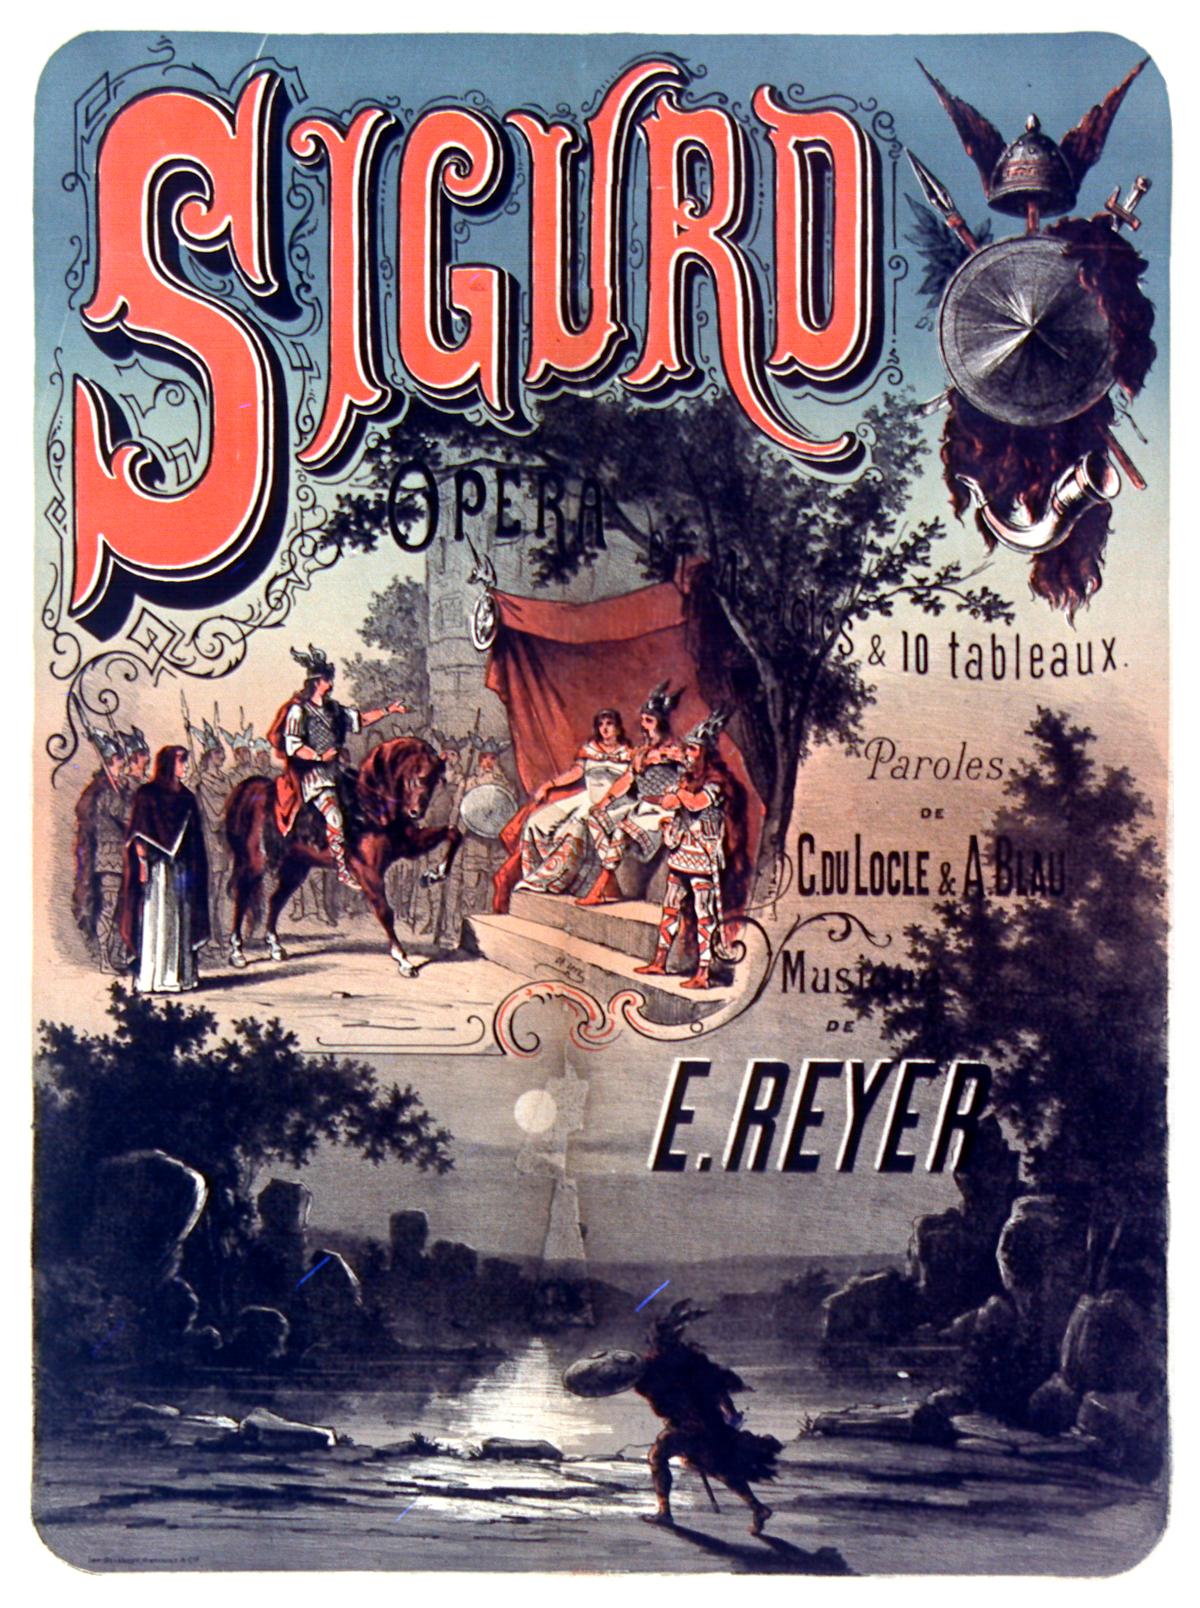 1200px-Ernest_Reyer_-_Sigurd_-_poster_1880.png